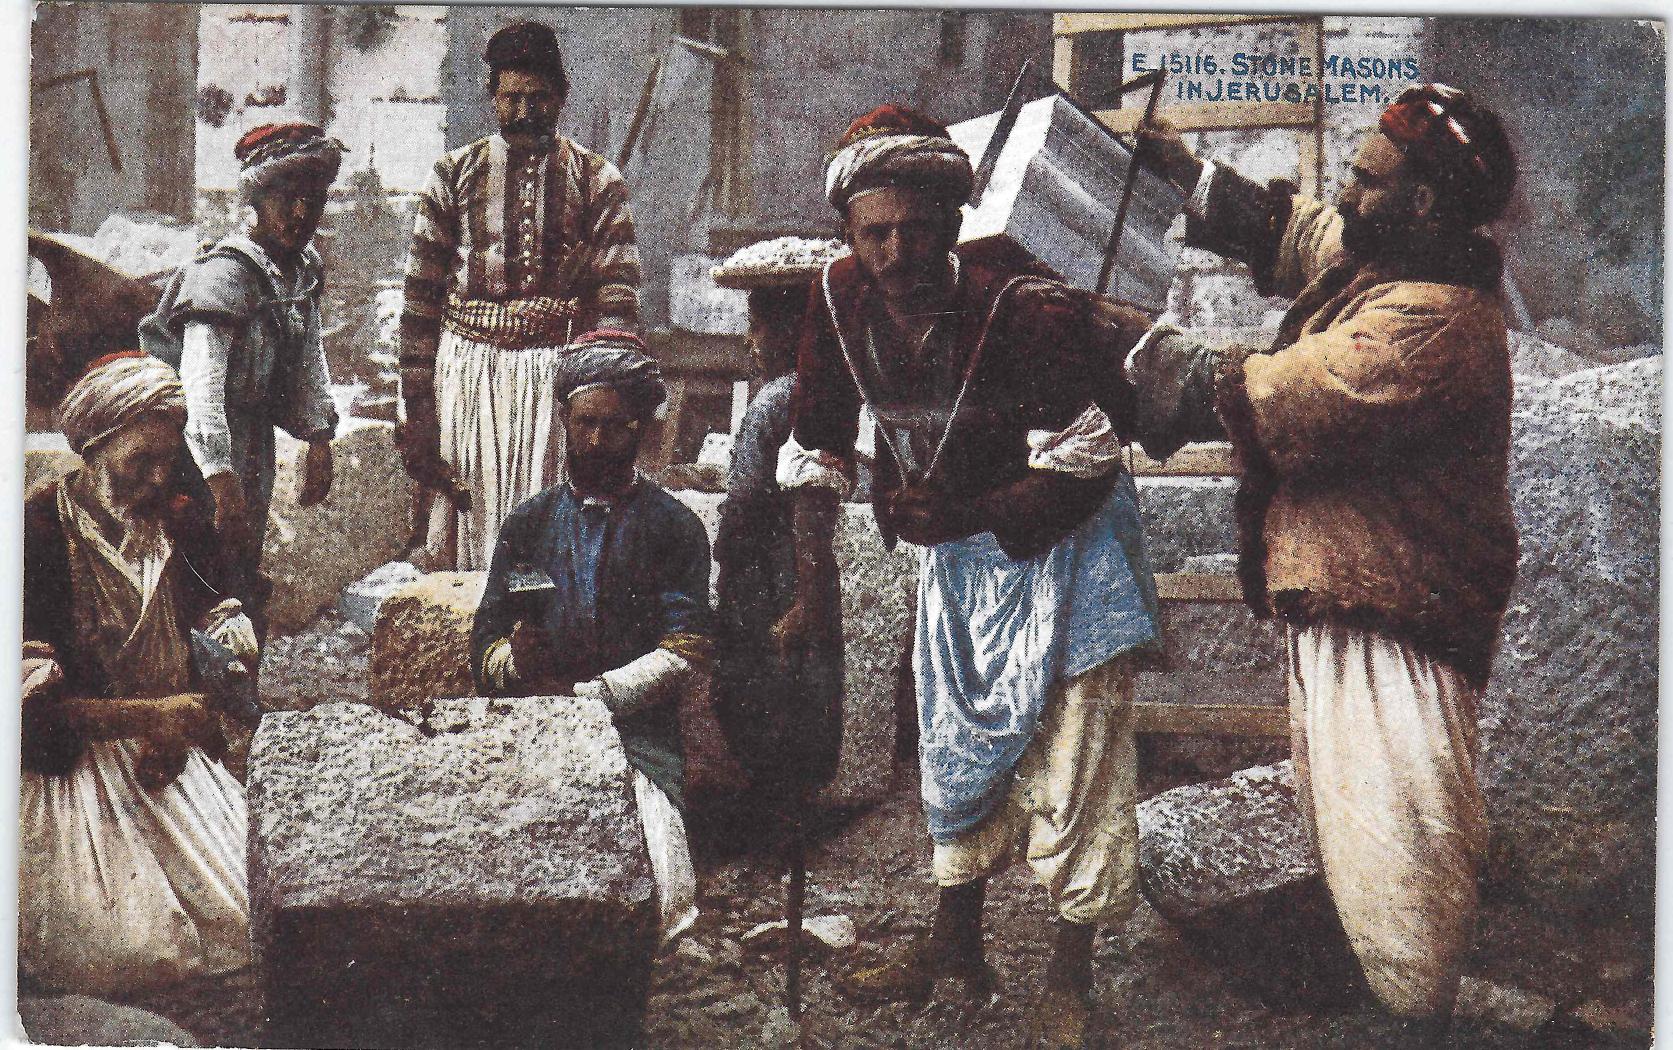 بناء الحجارة في القدس فترة العشرينات.jpg